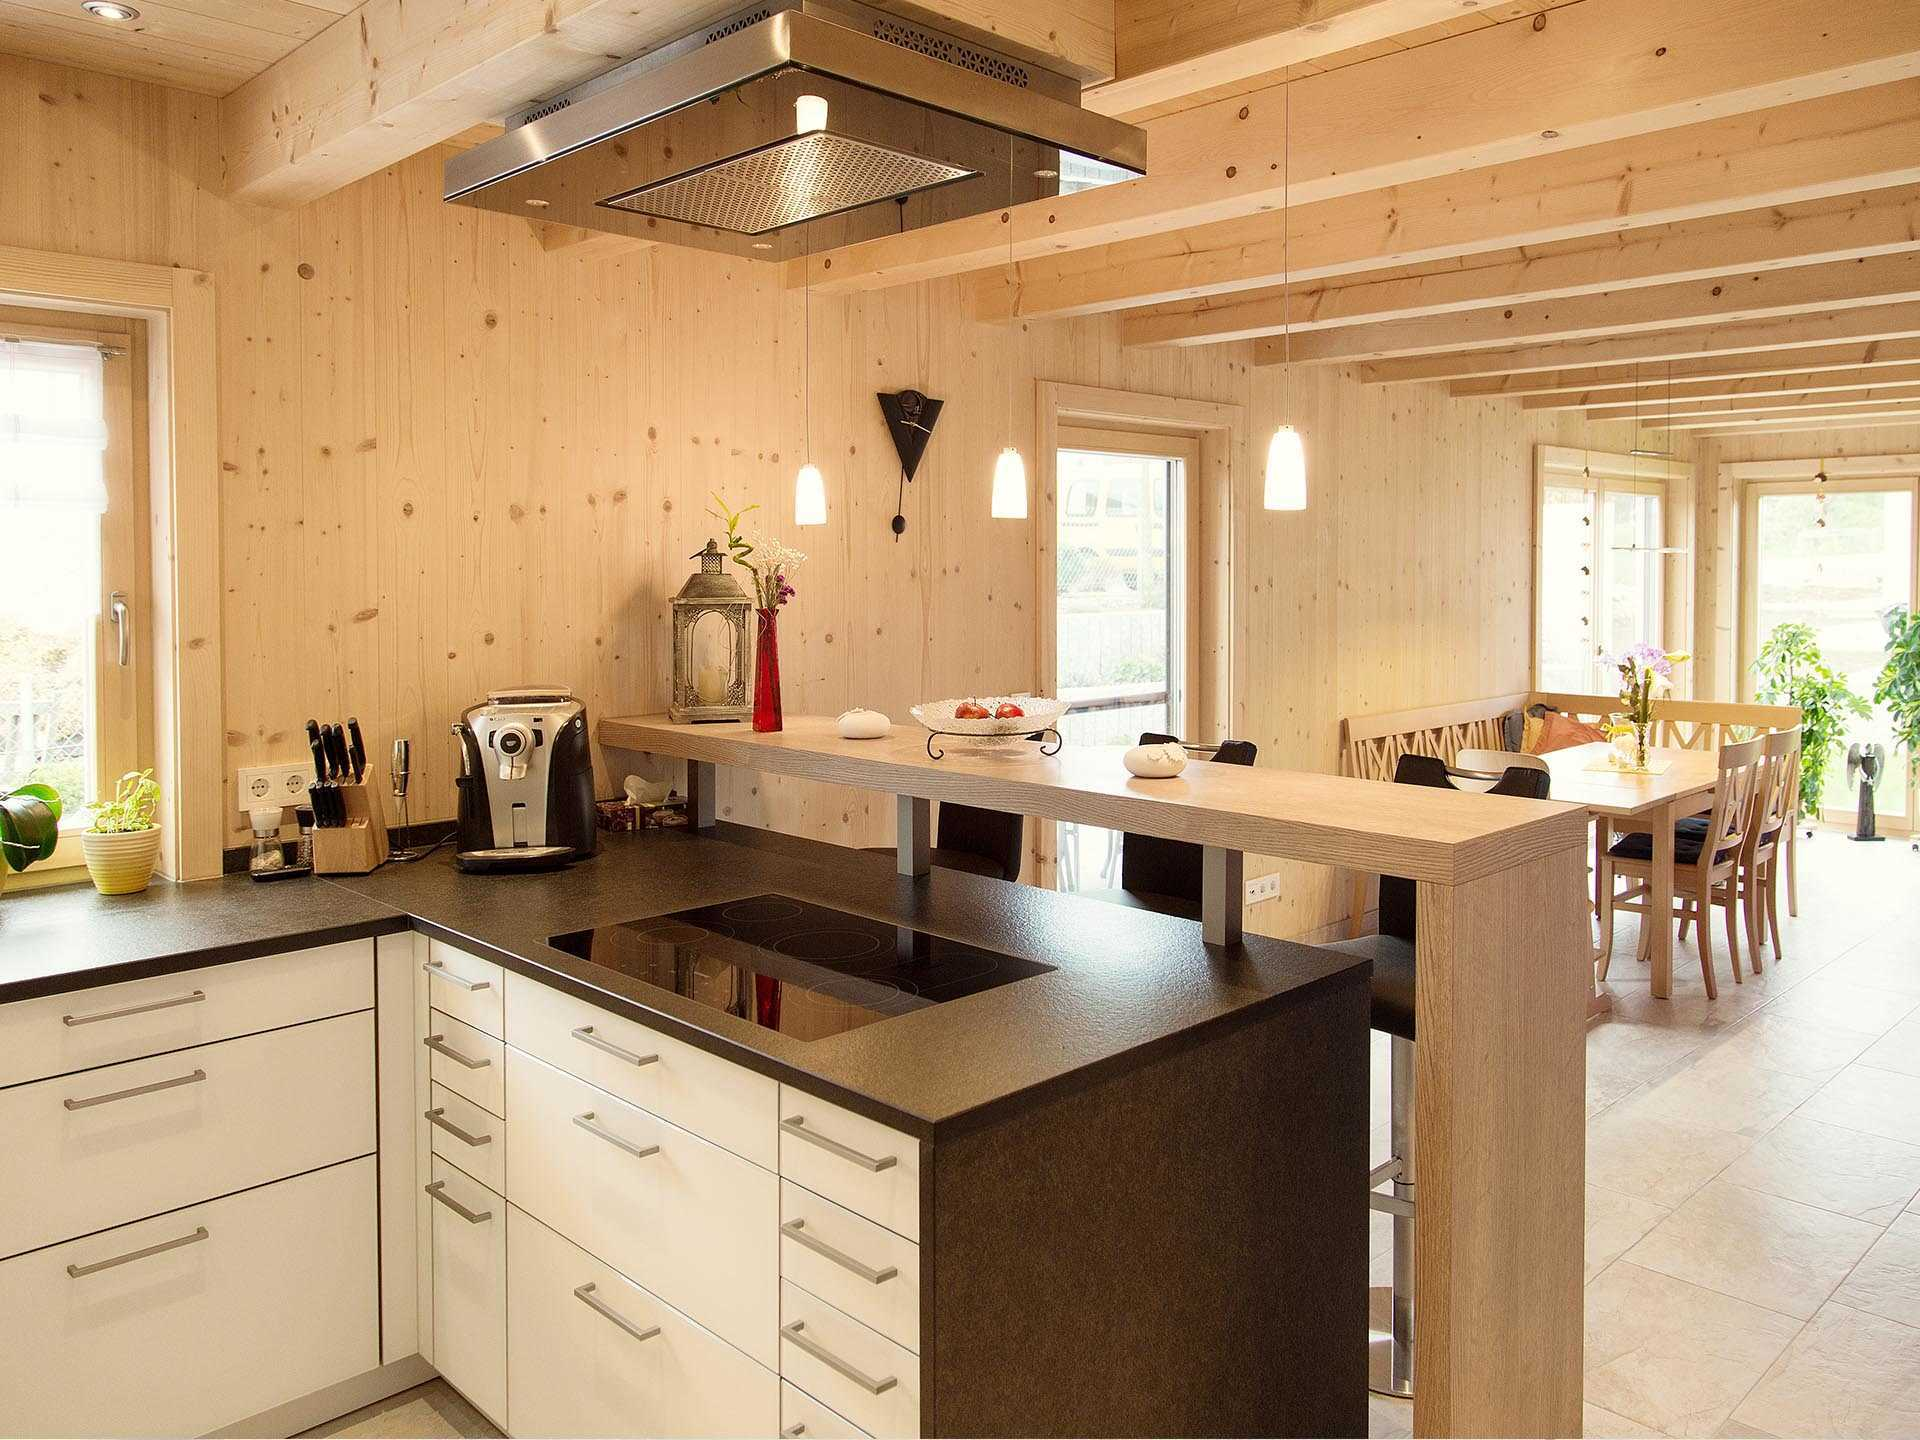 massivholzhaus k ln raumwunder einfamilienhaus chiemgauer holzhaus. Black Bedroom Furniture Sets. Home Design Ideas